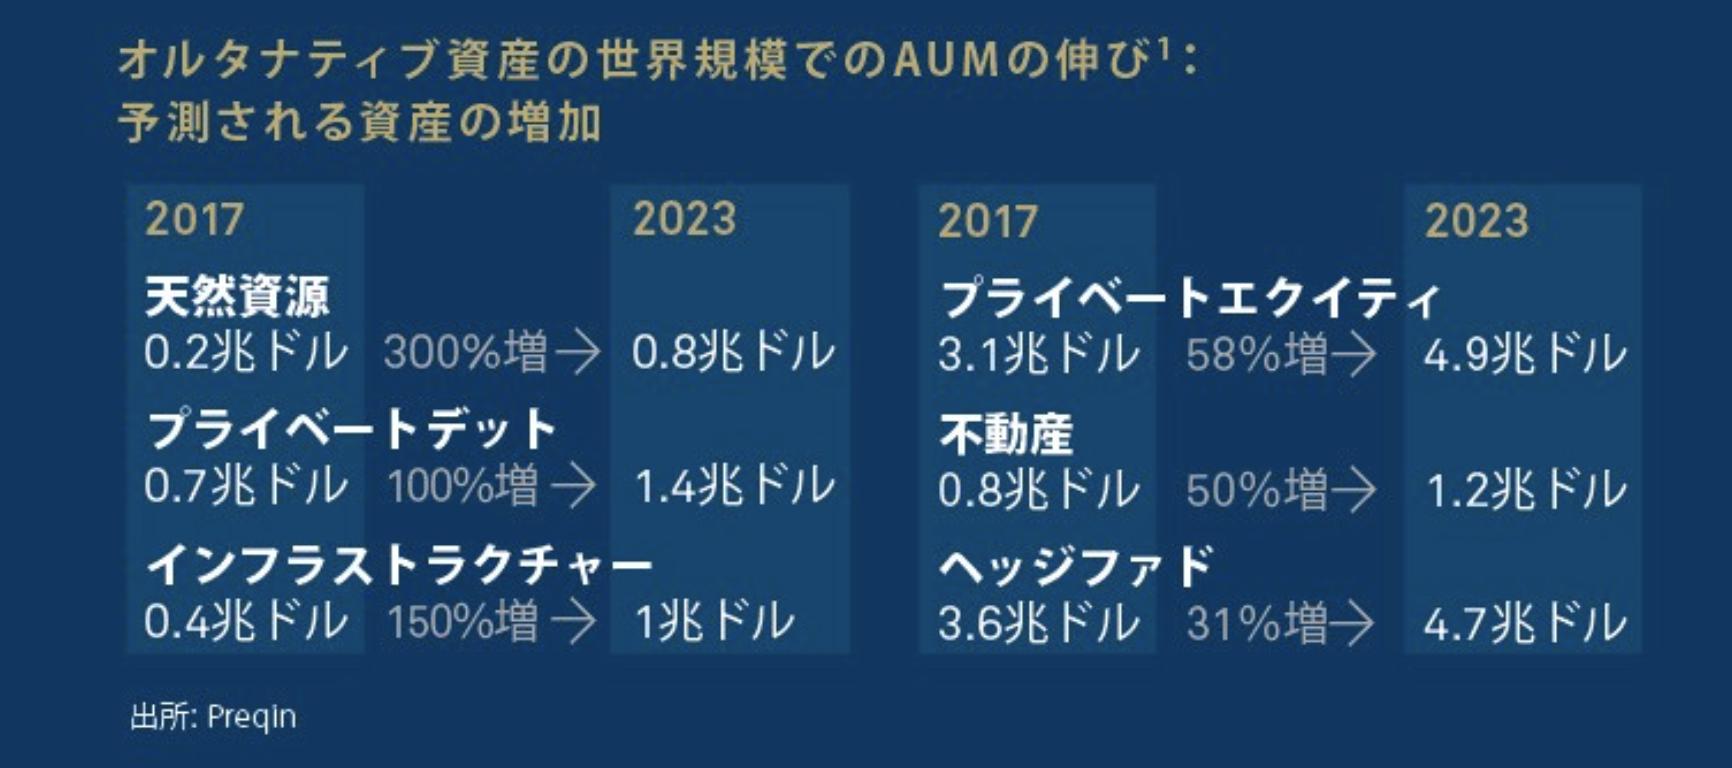 オルタナティブ投資の規模の拡大